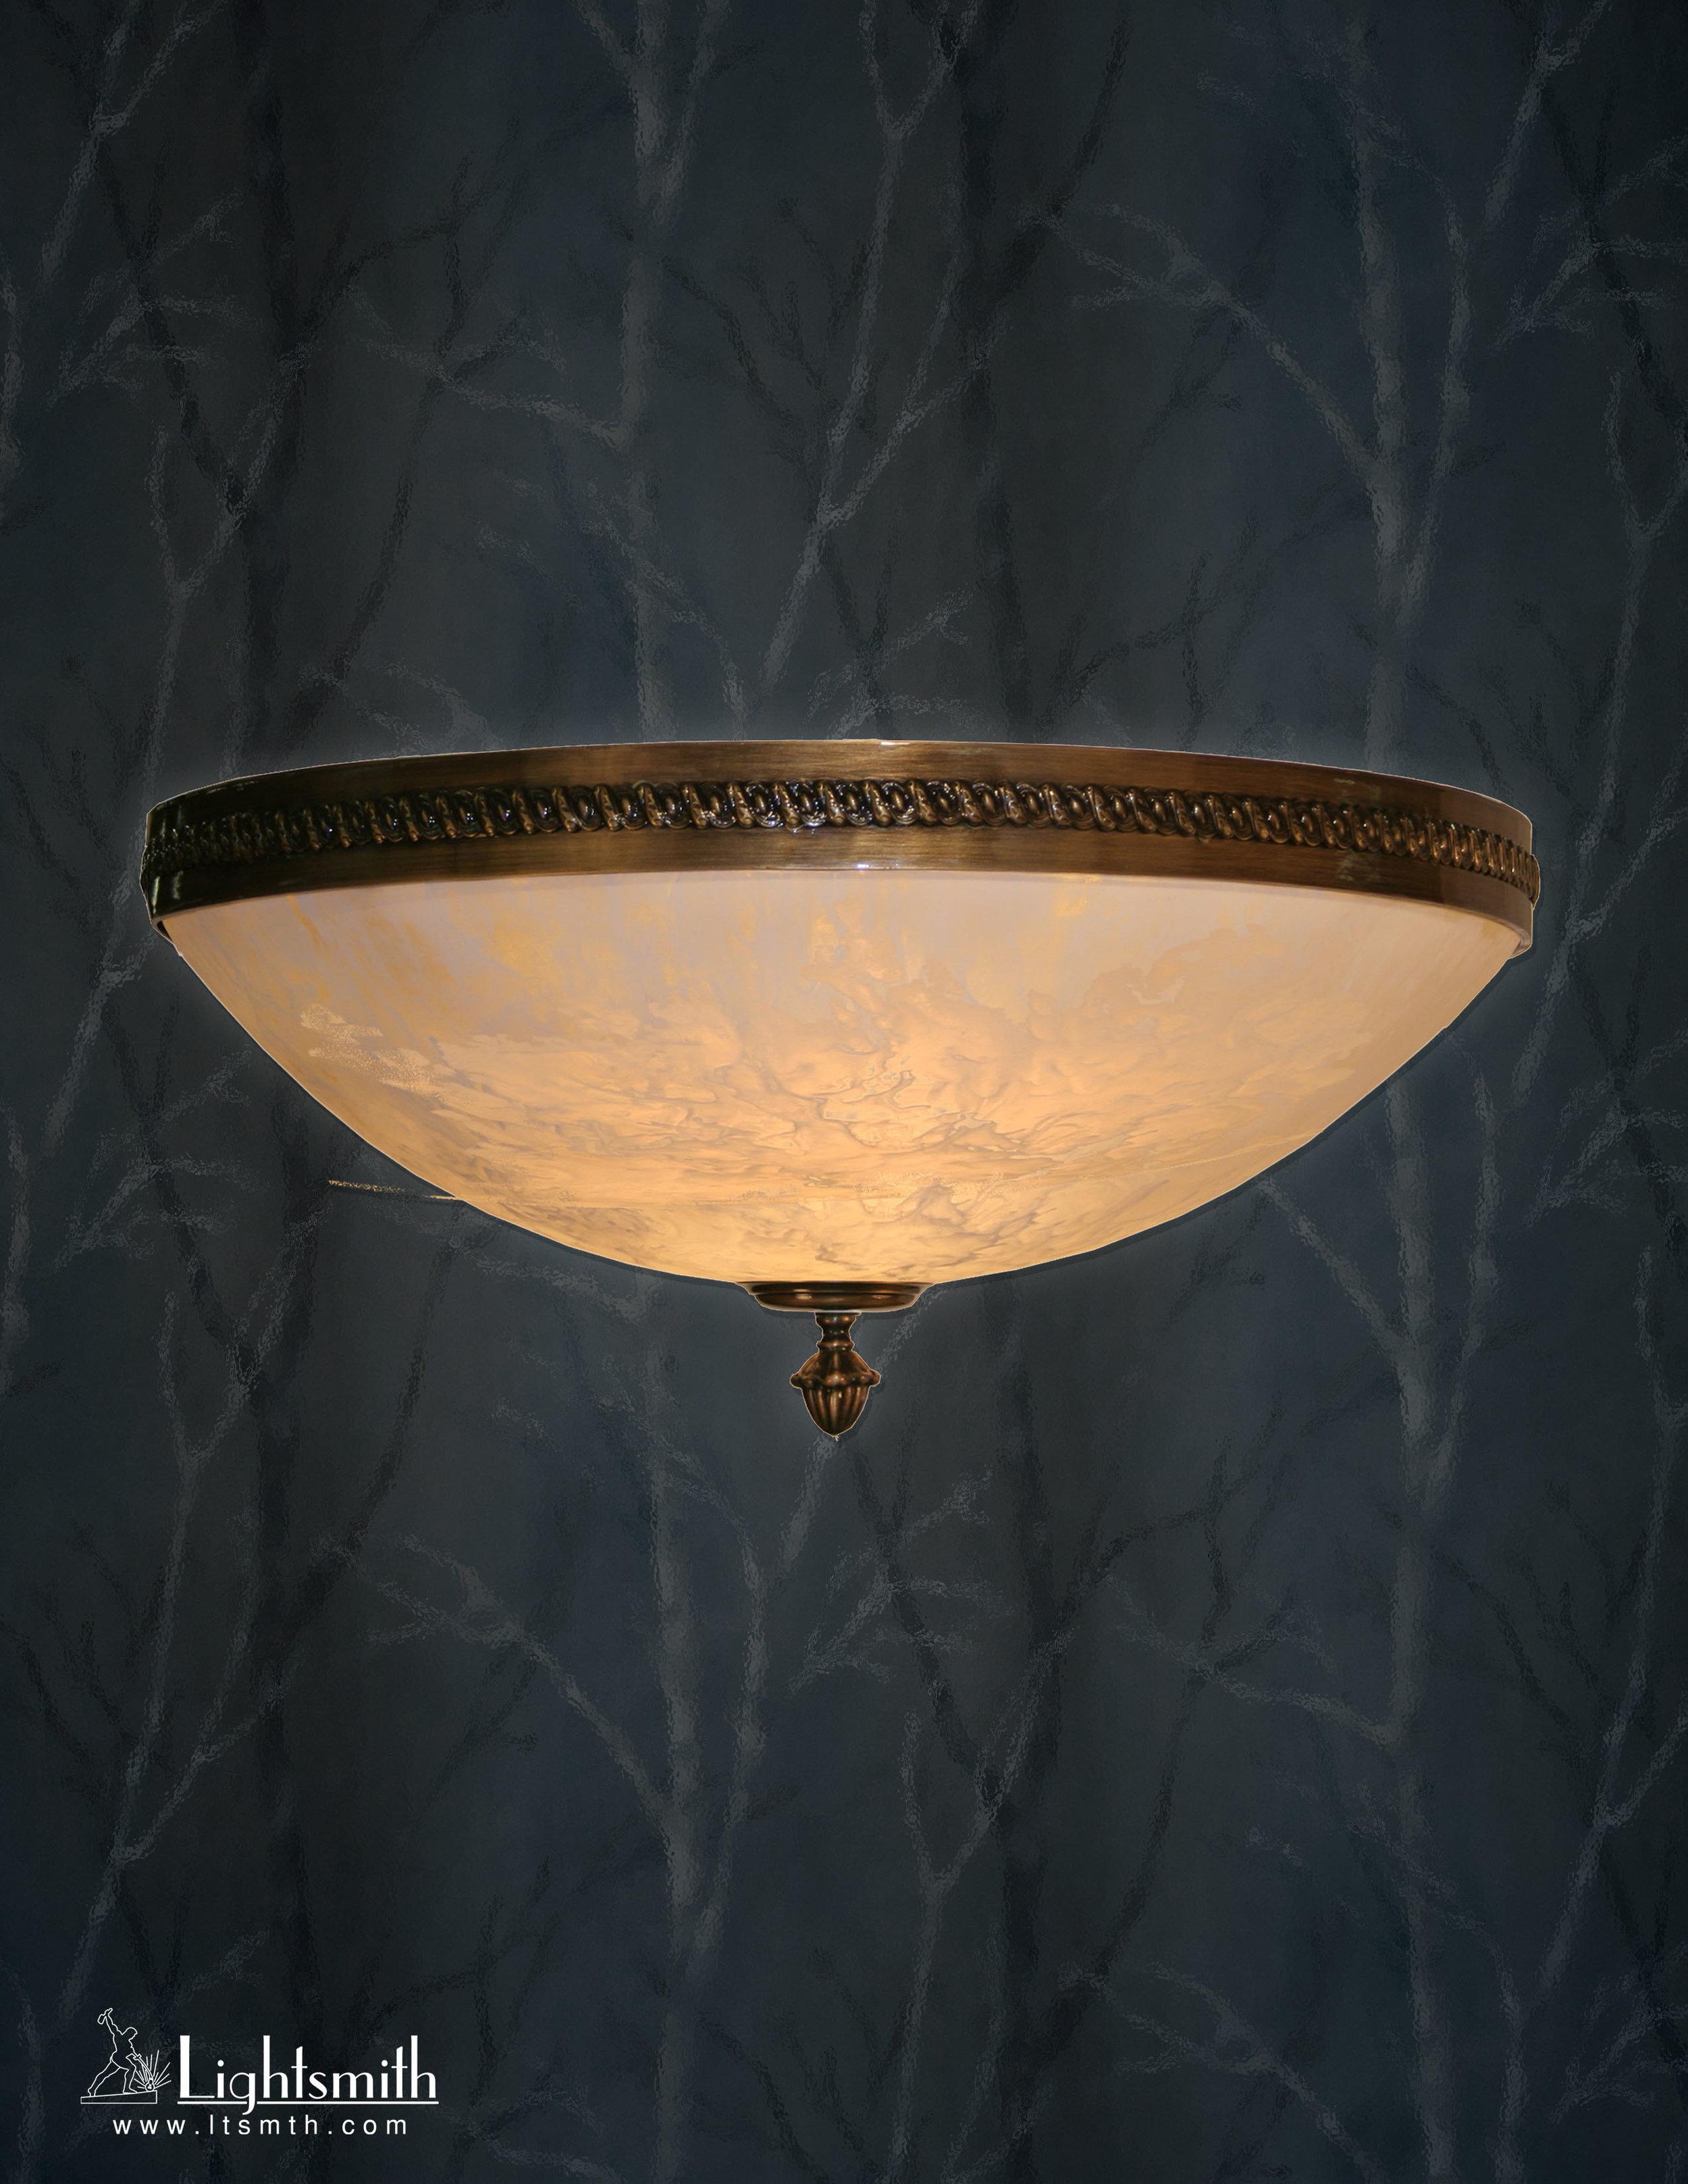 SC-4110 - Antique Brass - Beige Alabaster Acrylic